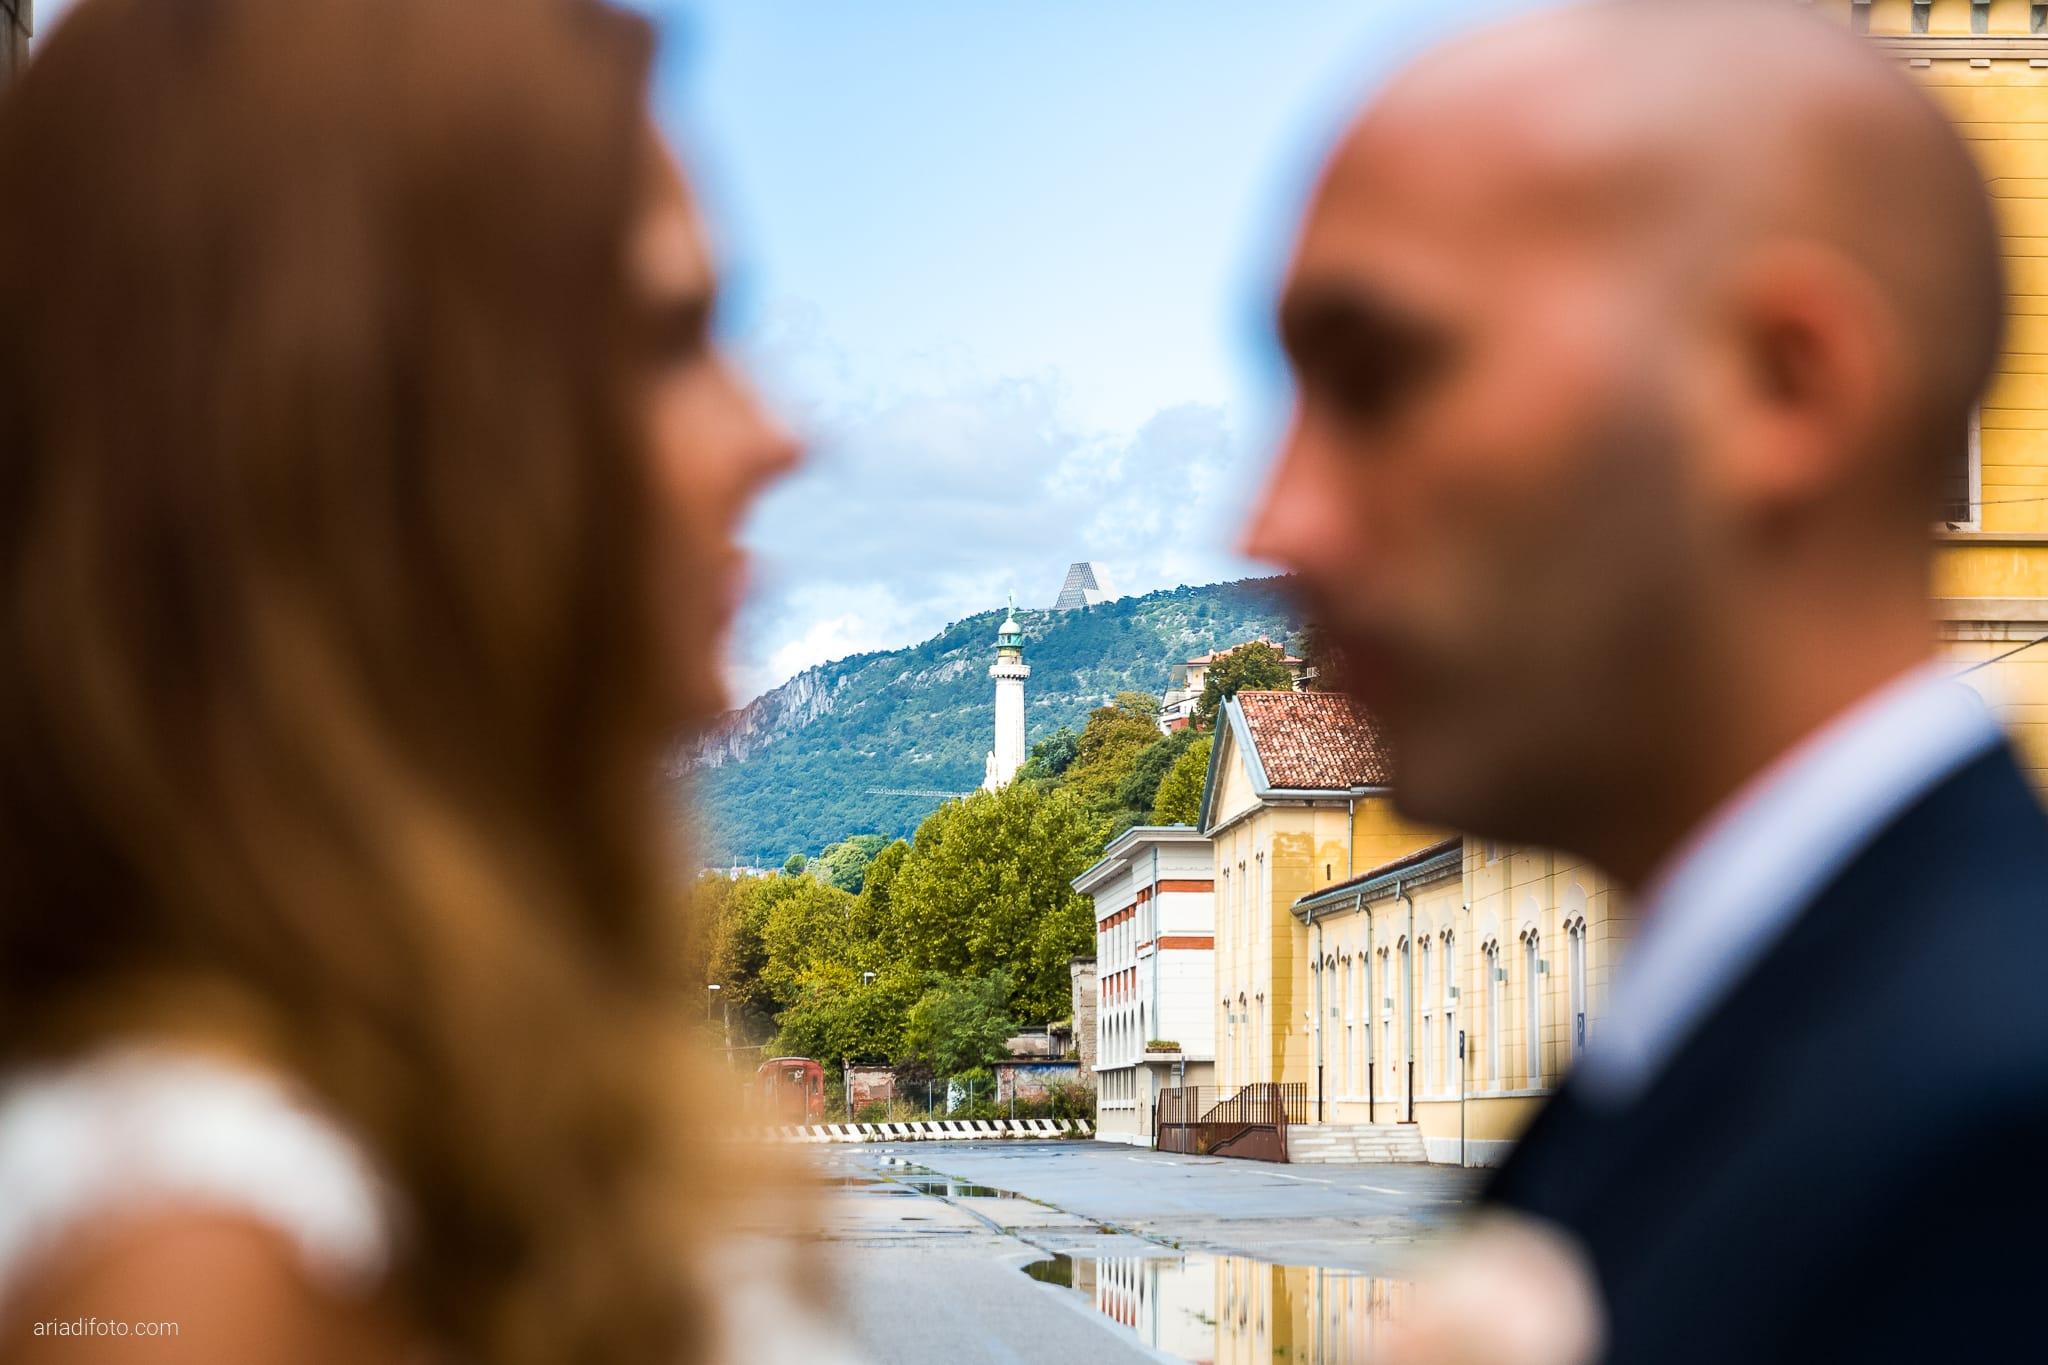 Giorgia Davide Matrimonio Villa Revoltella Salvia Rosmarino Trieste ritratti sposi Porto Vecchio Magazzino 26 Faro della Vittoria